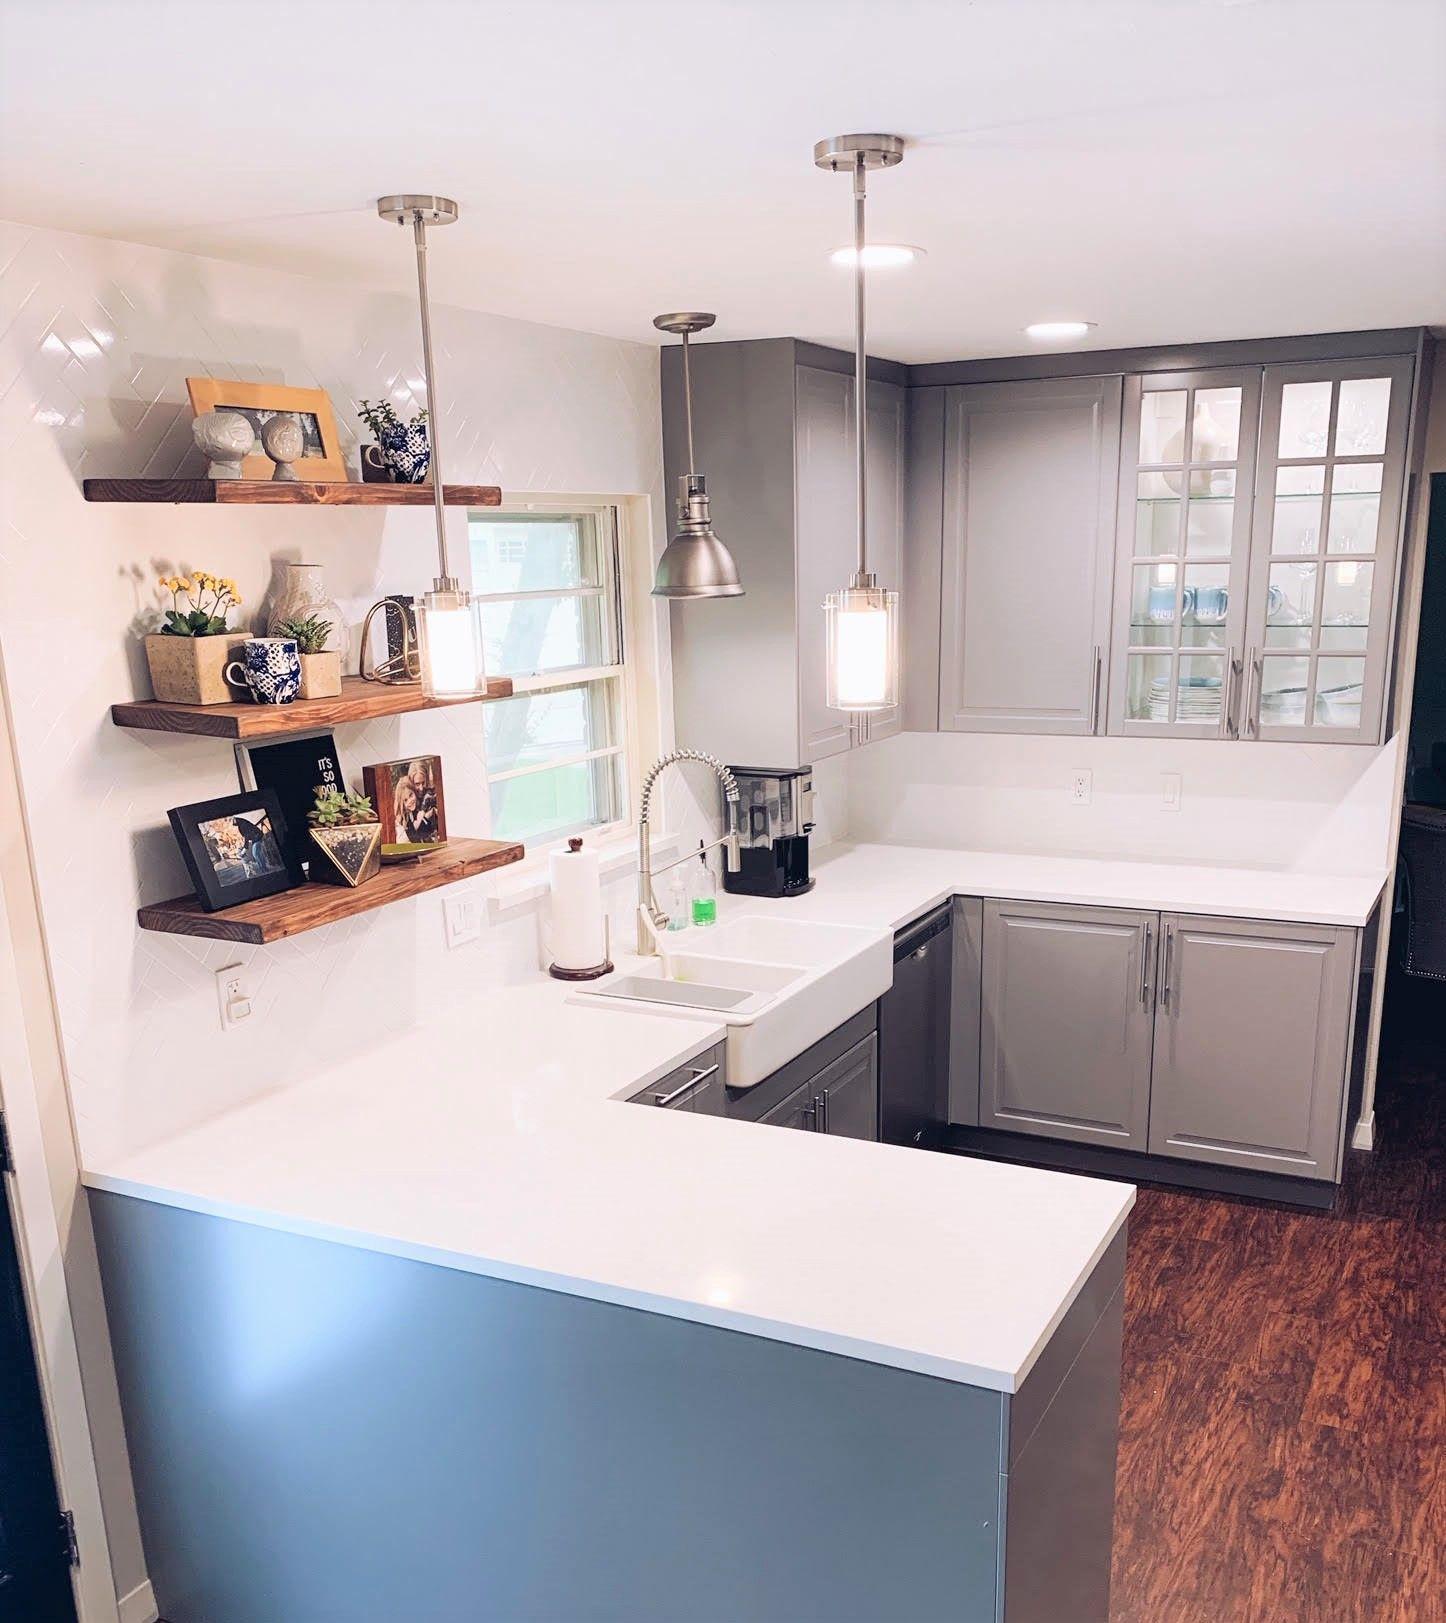 hidden bracket floating shelf kitchen remodel software on floating shelves kitchen id=54035